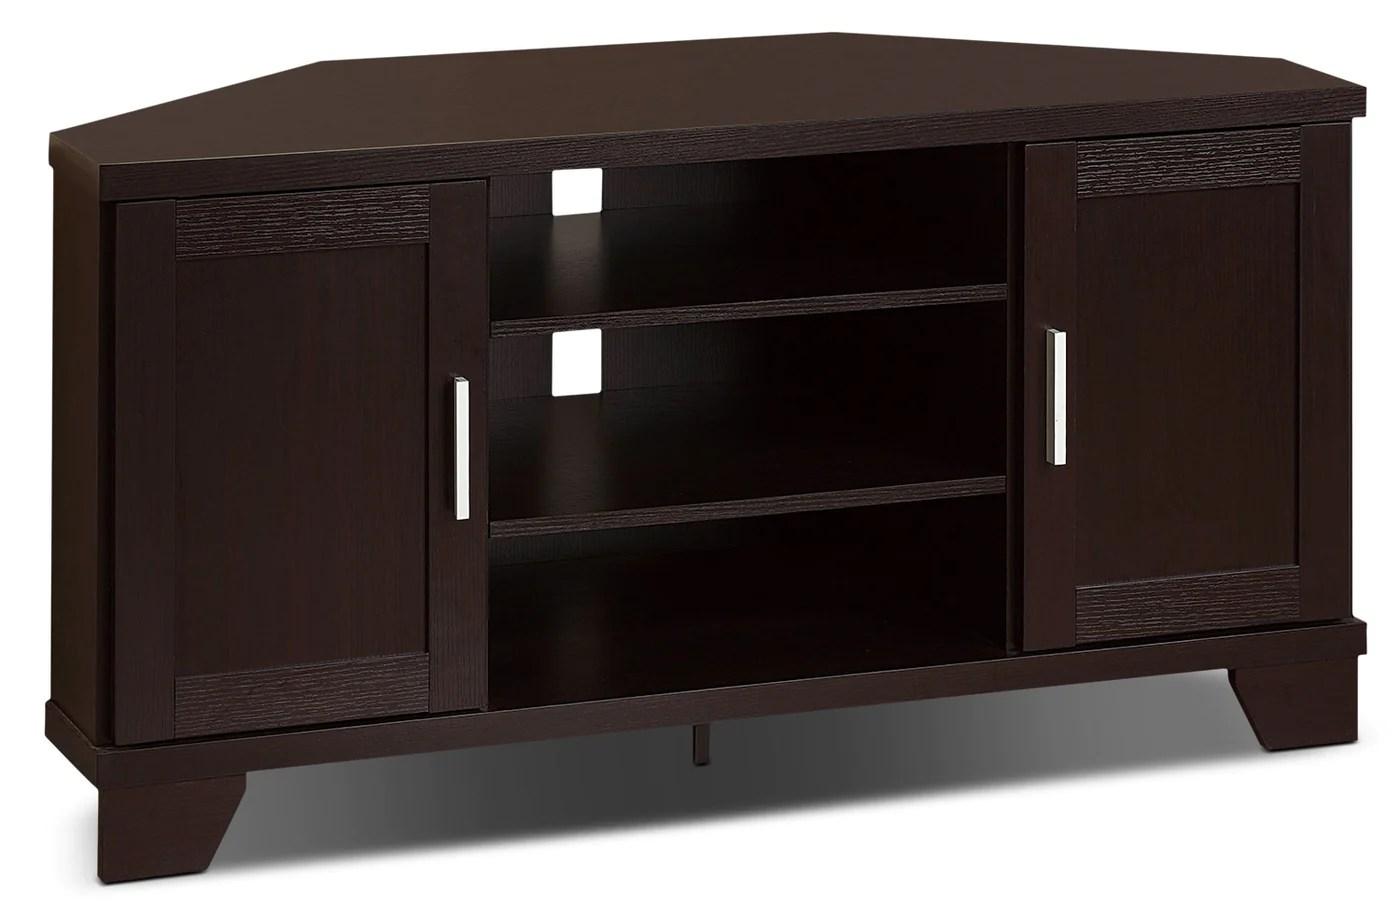 meuble en coin pour televiseur bailey de 47 po